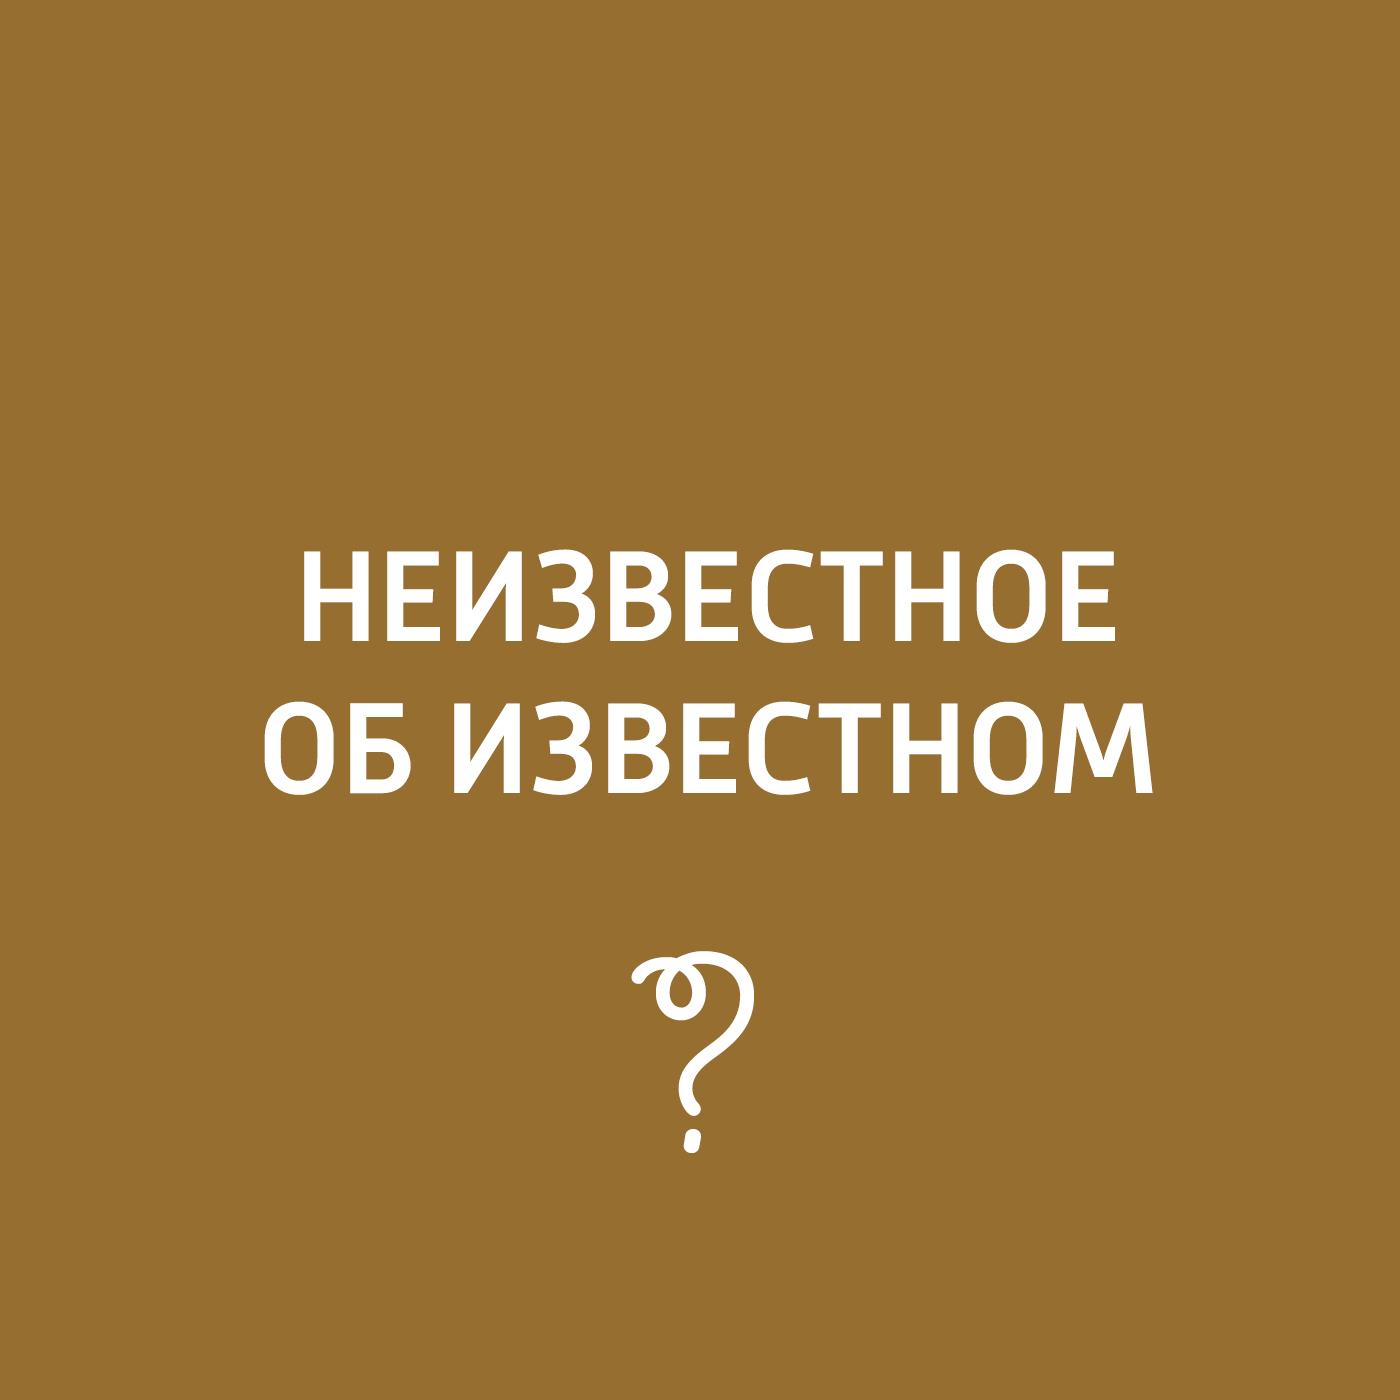 Творческий коллектив программы «Пора домой» Неизвестное об известном. Московские тучерезы и небоскребы